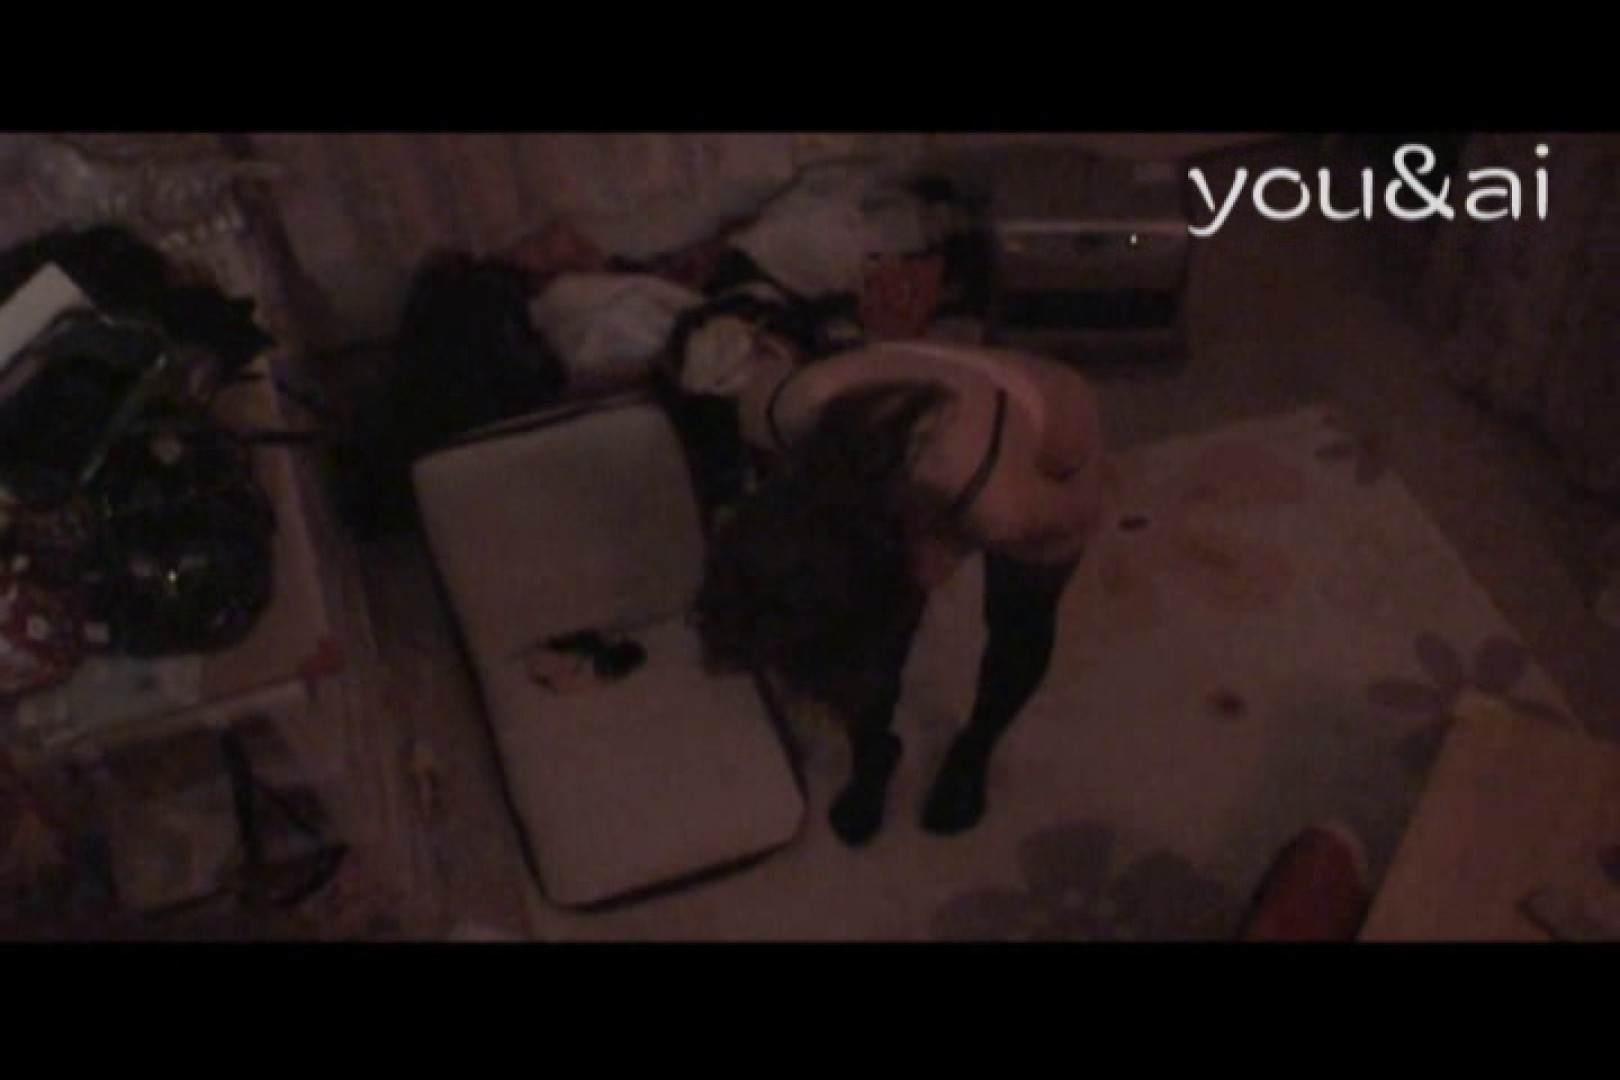 おしどり夫婦のyou&aiさん投稿作品vol.7 下着 エロ無料画像 69枚 11